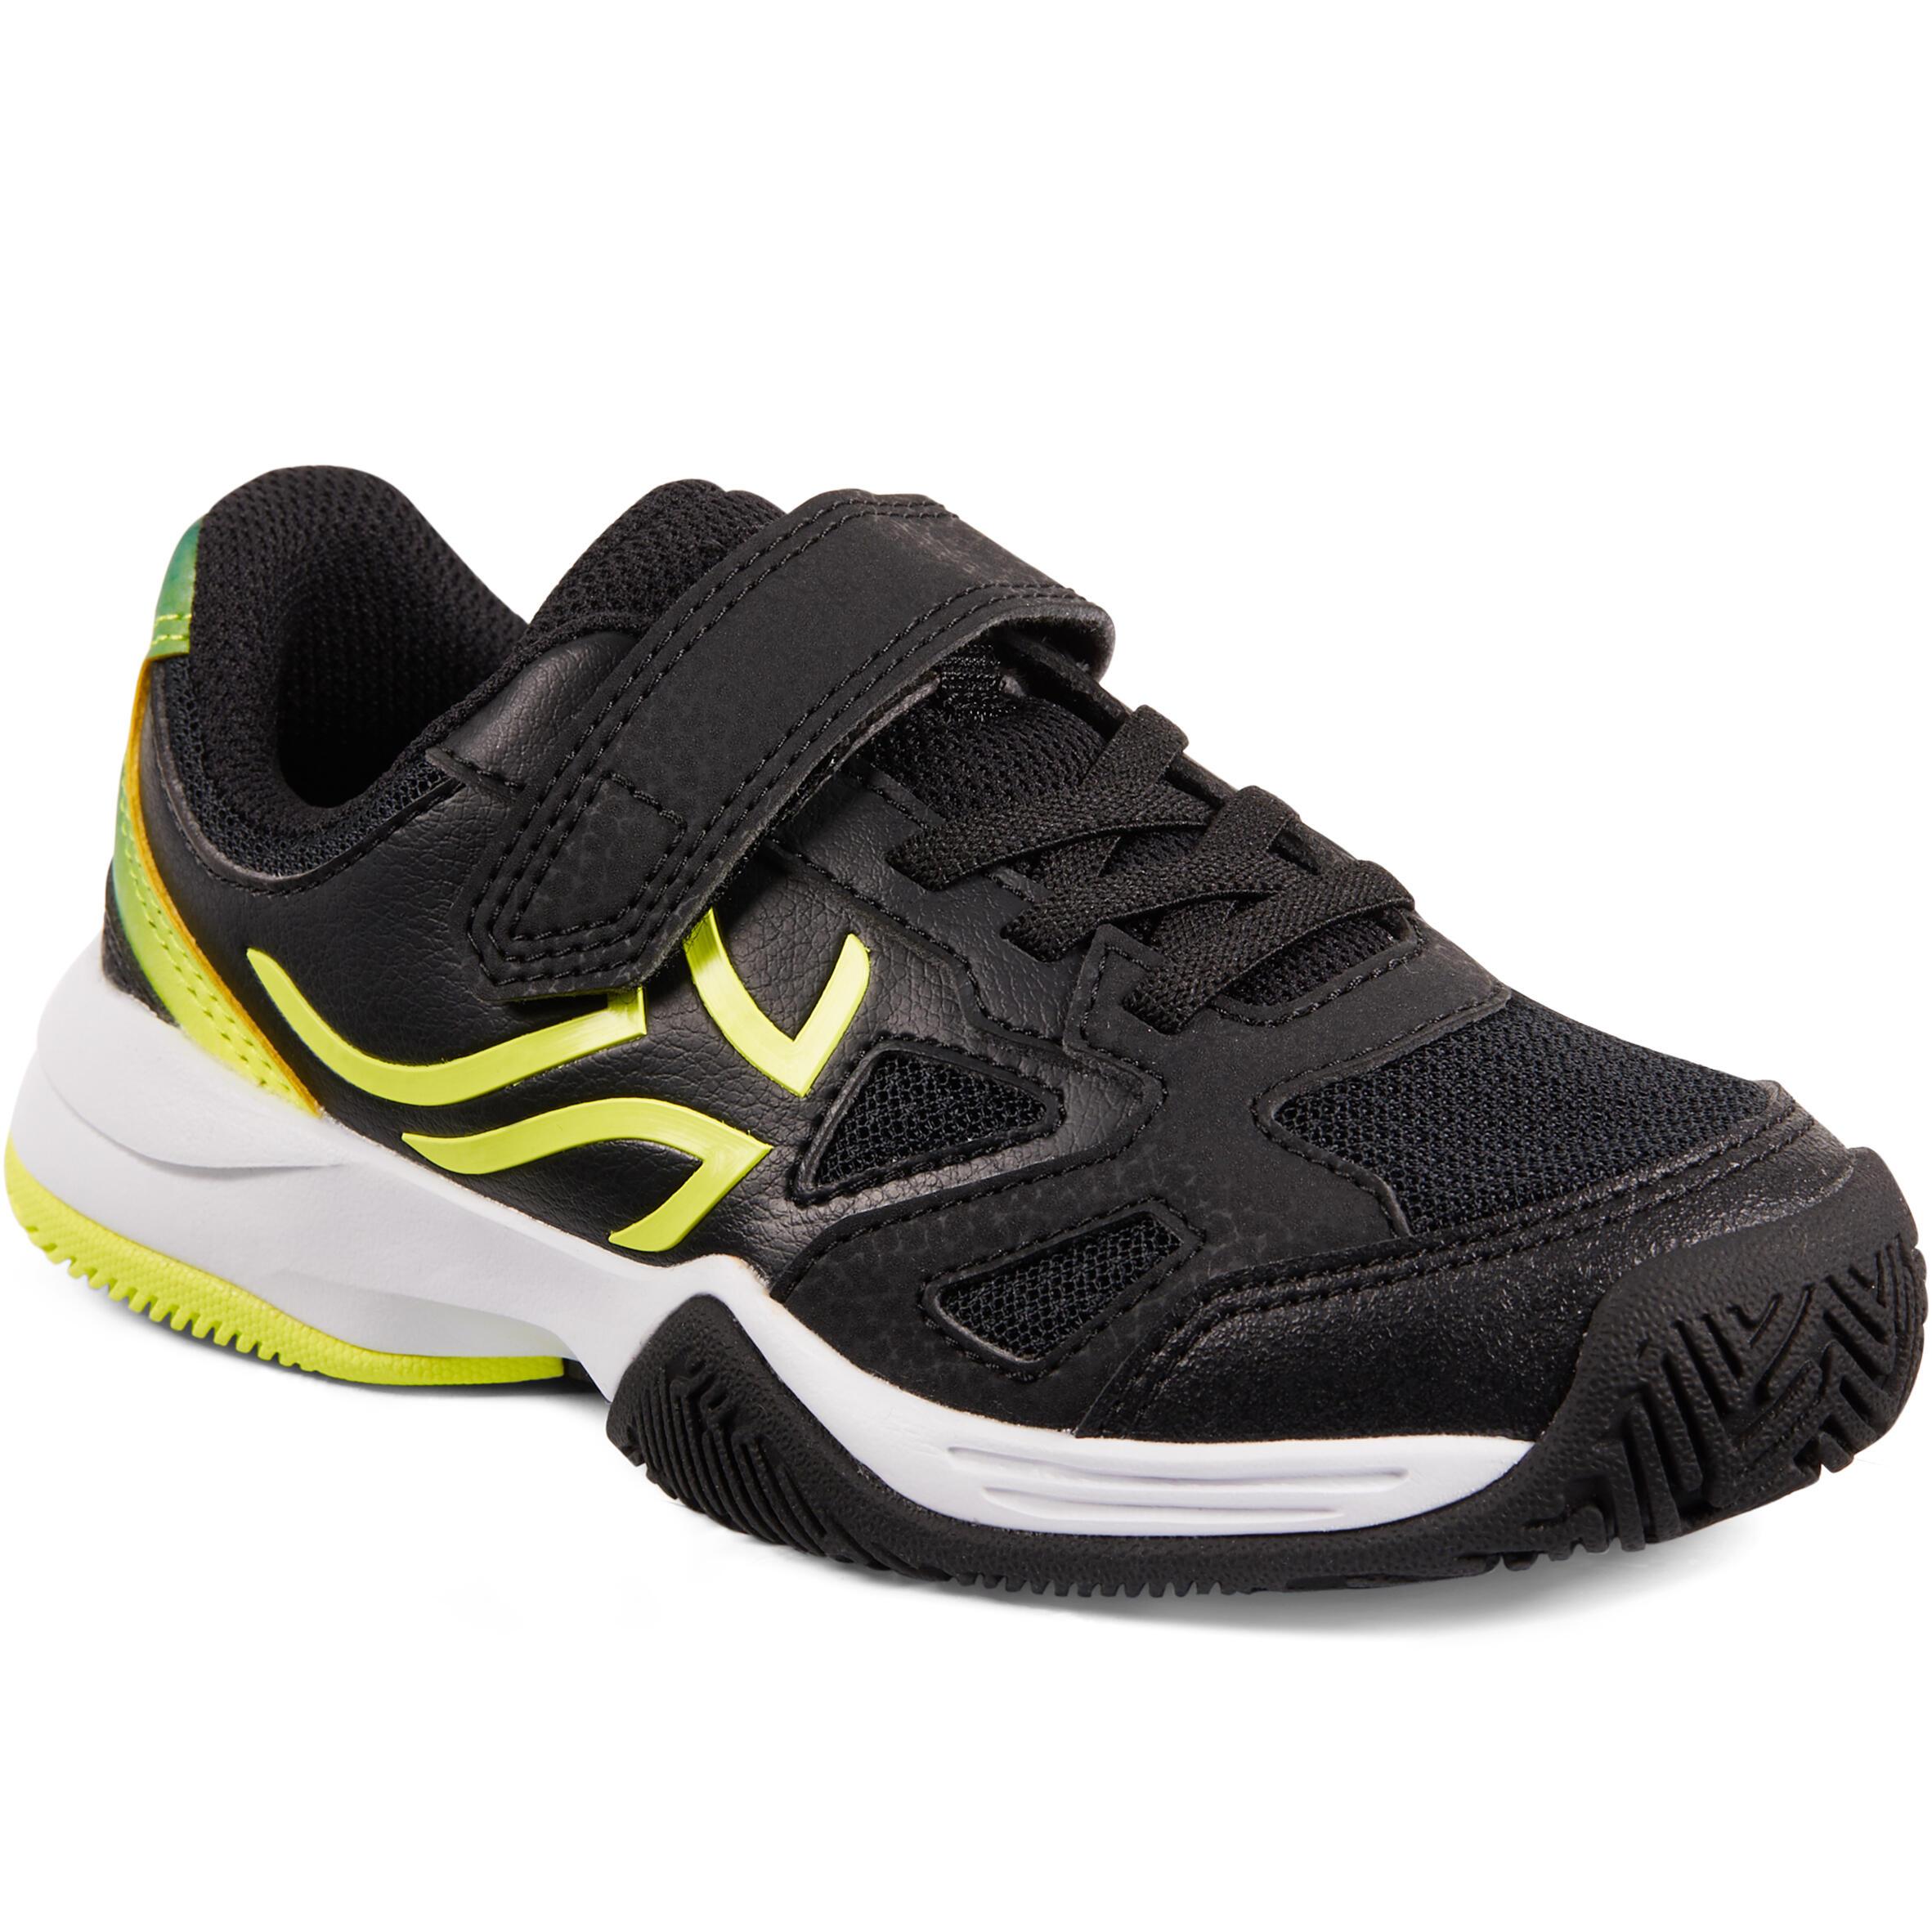 ARTENGO Scarpe tennis bambino TS560 nero-giallo